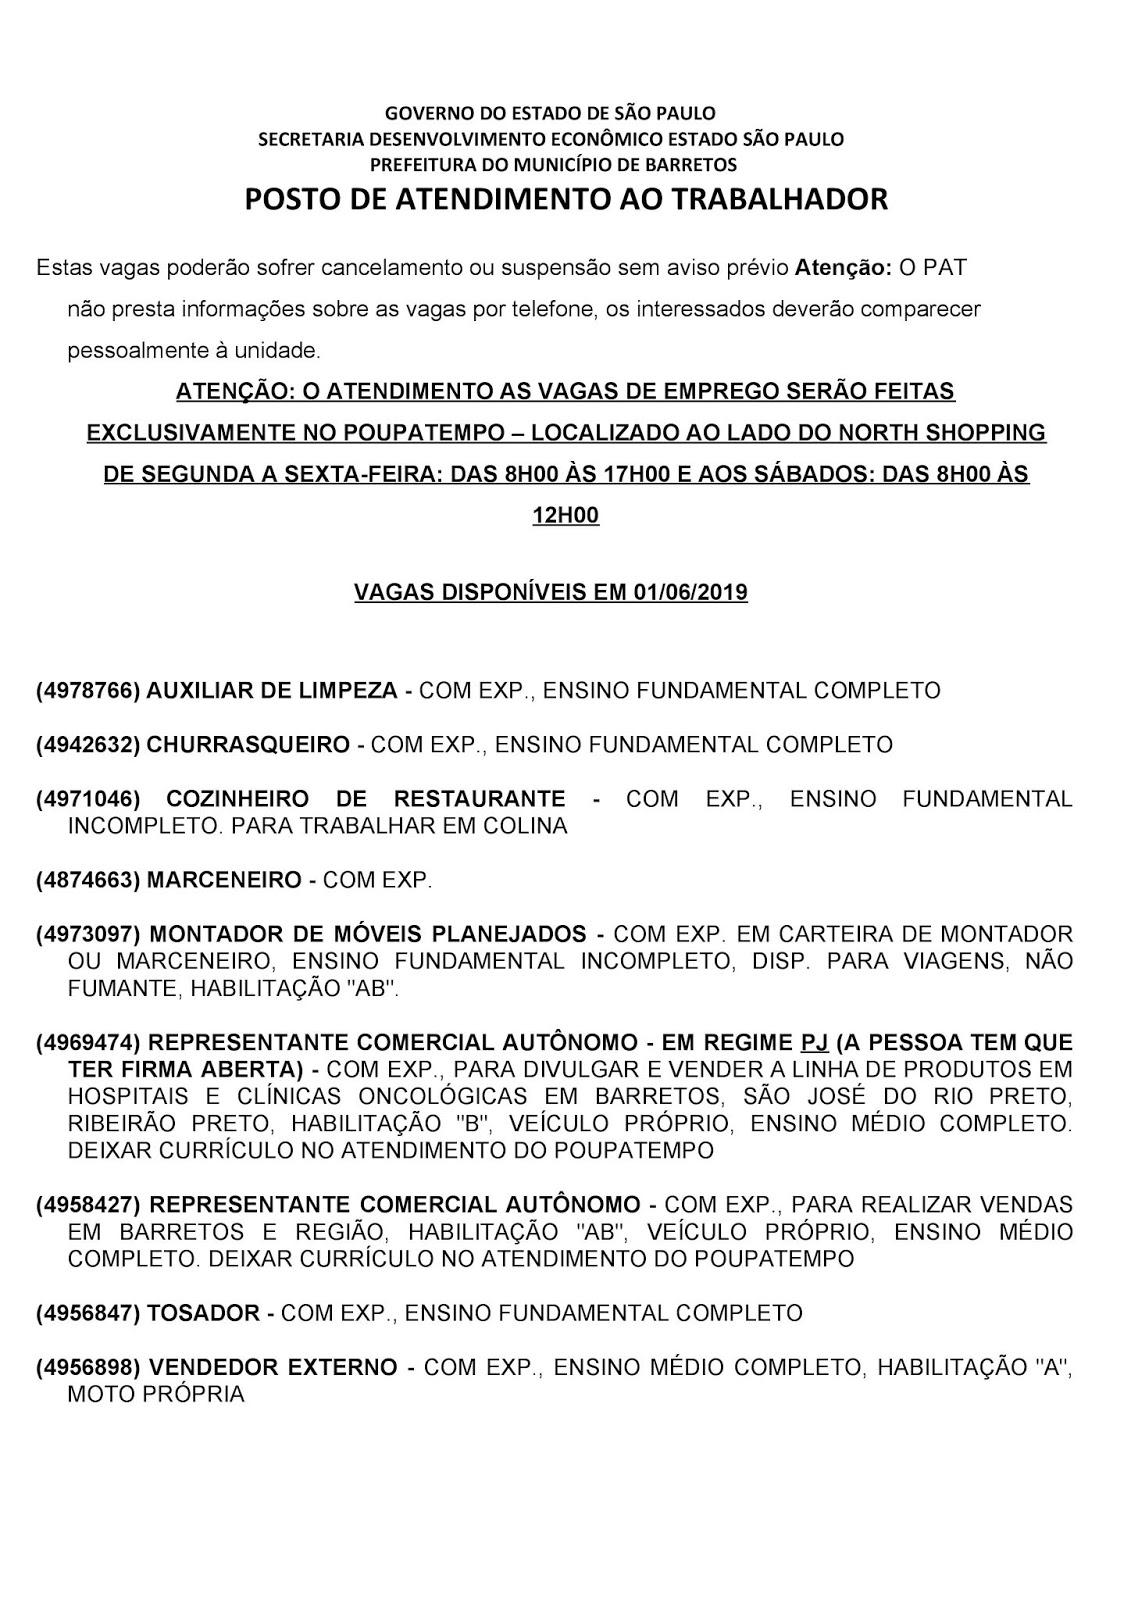 VAGAS DE EMPREGO DO PAT BARRETOS-SP PARA 01/06/2019 SÁBADO - PAG. 1